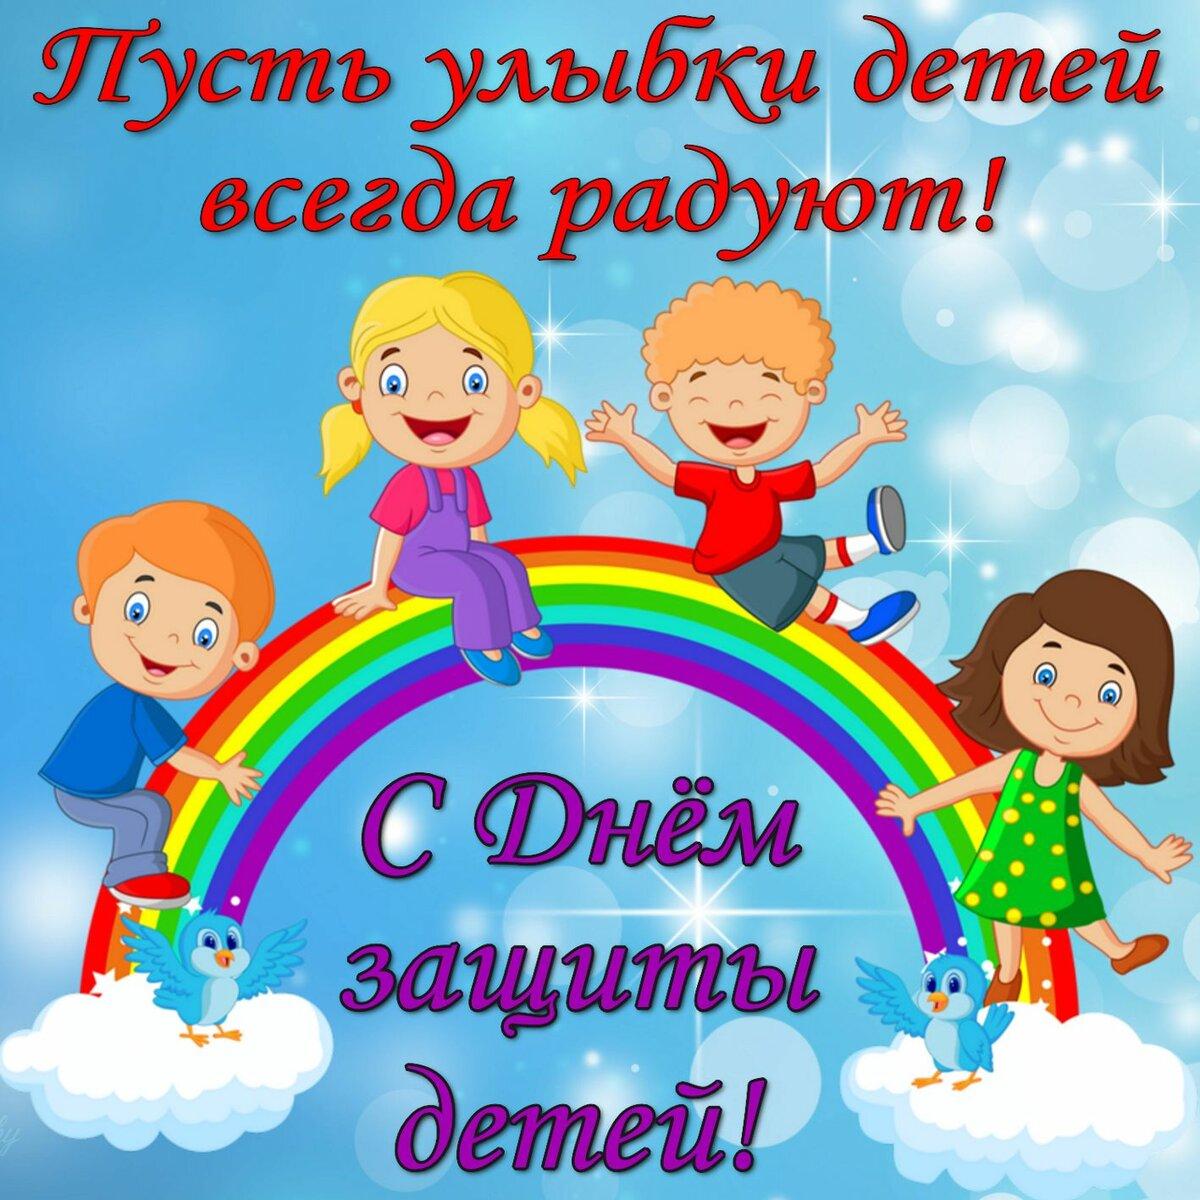 День детей в россии открытки, открытки подруге